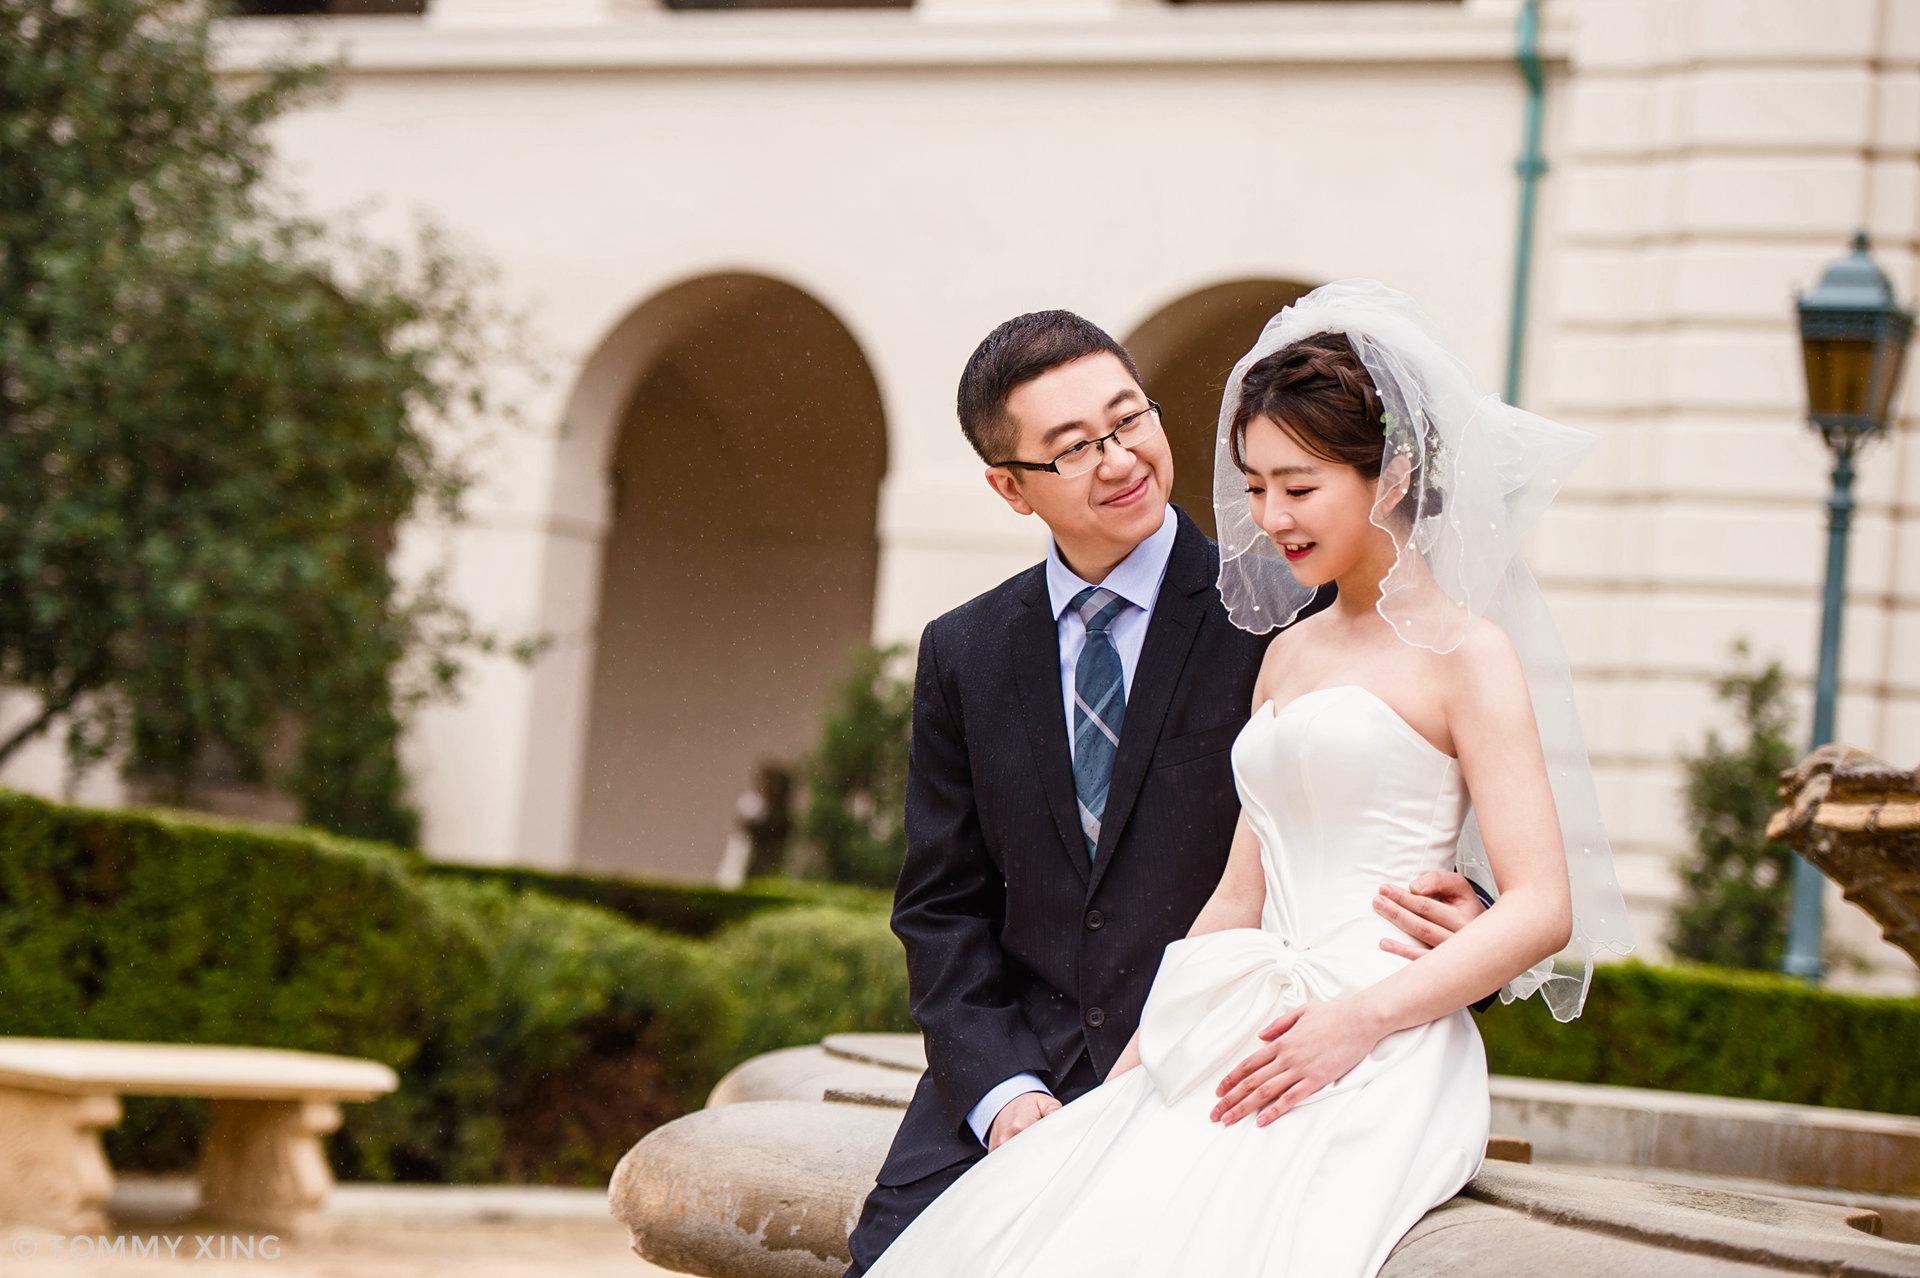 旧金山洛杉矶婚纱照 Tommy Xing Wedding Photography 07.jpg